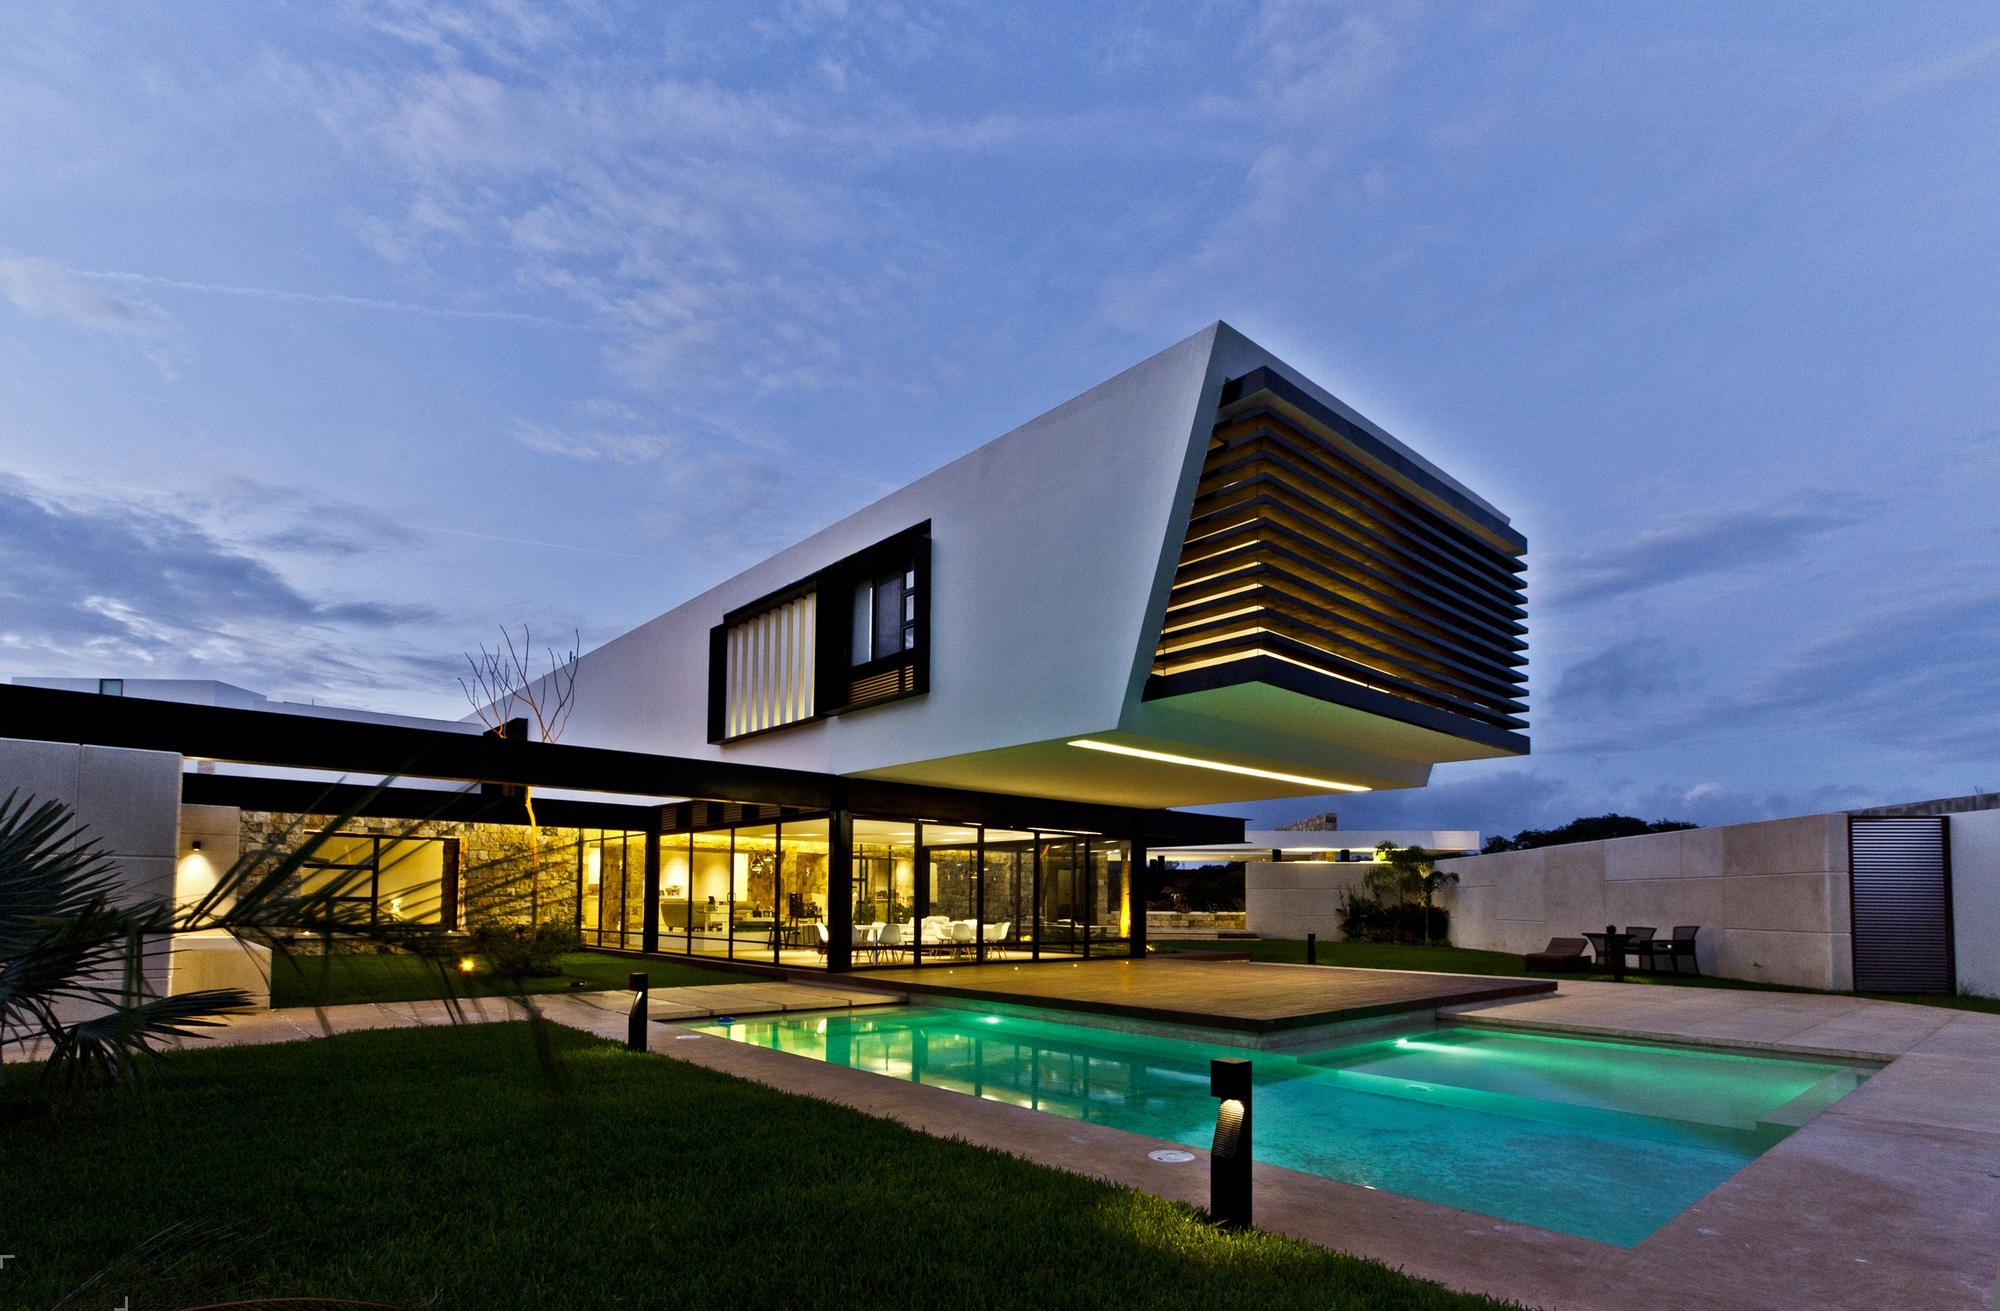 Комфортный современный дом в жаркой Мексике